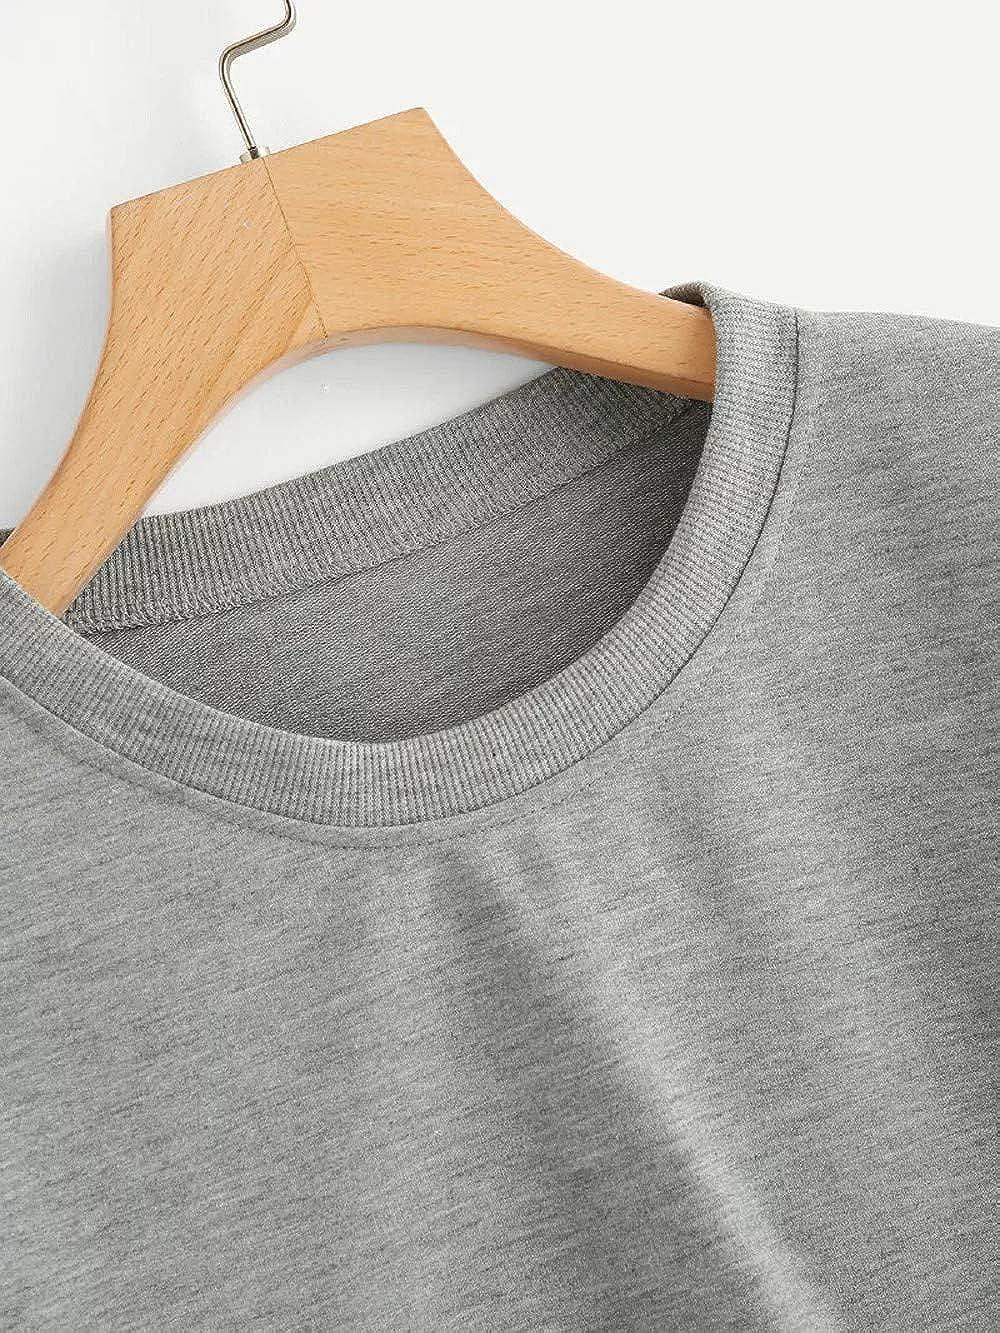 LEEDY Camiseta de Manga Larga con Remiendo en Arco Iris con Remiendo en Forma, Blusa sin Mangas con Cuello Redondo: Amazon.es: Ropa y accesorios